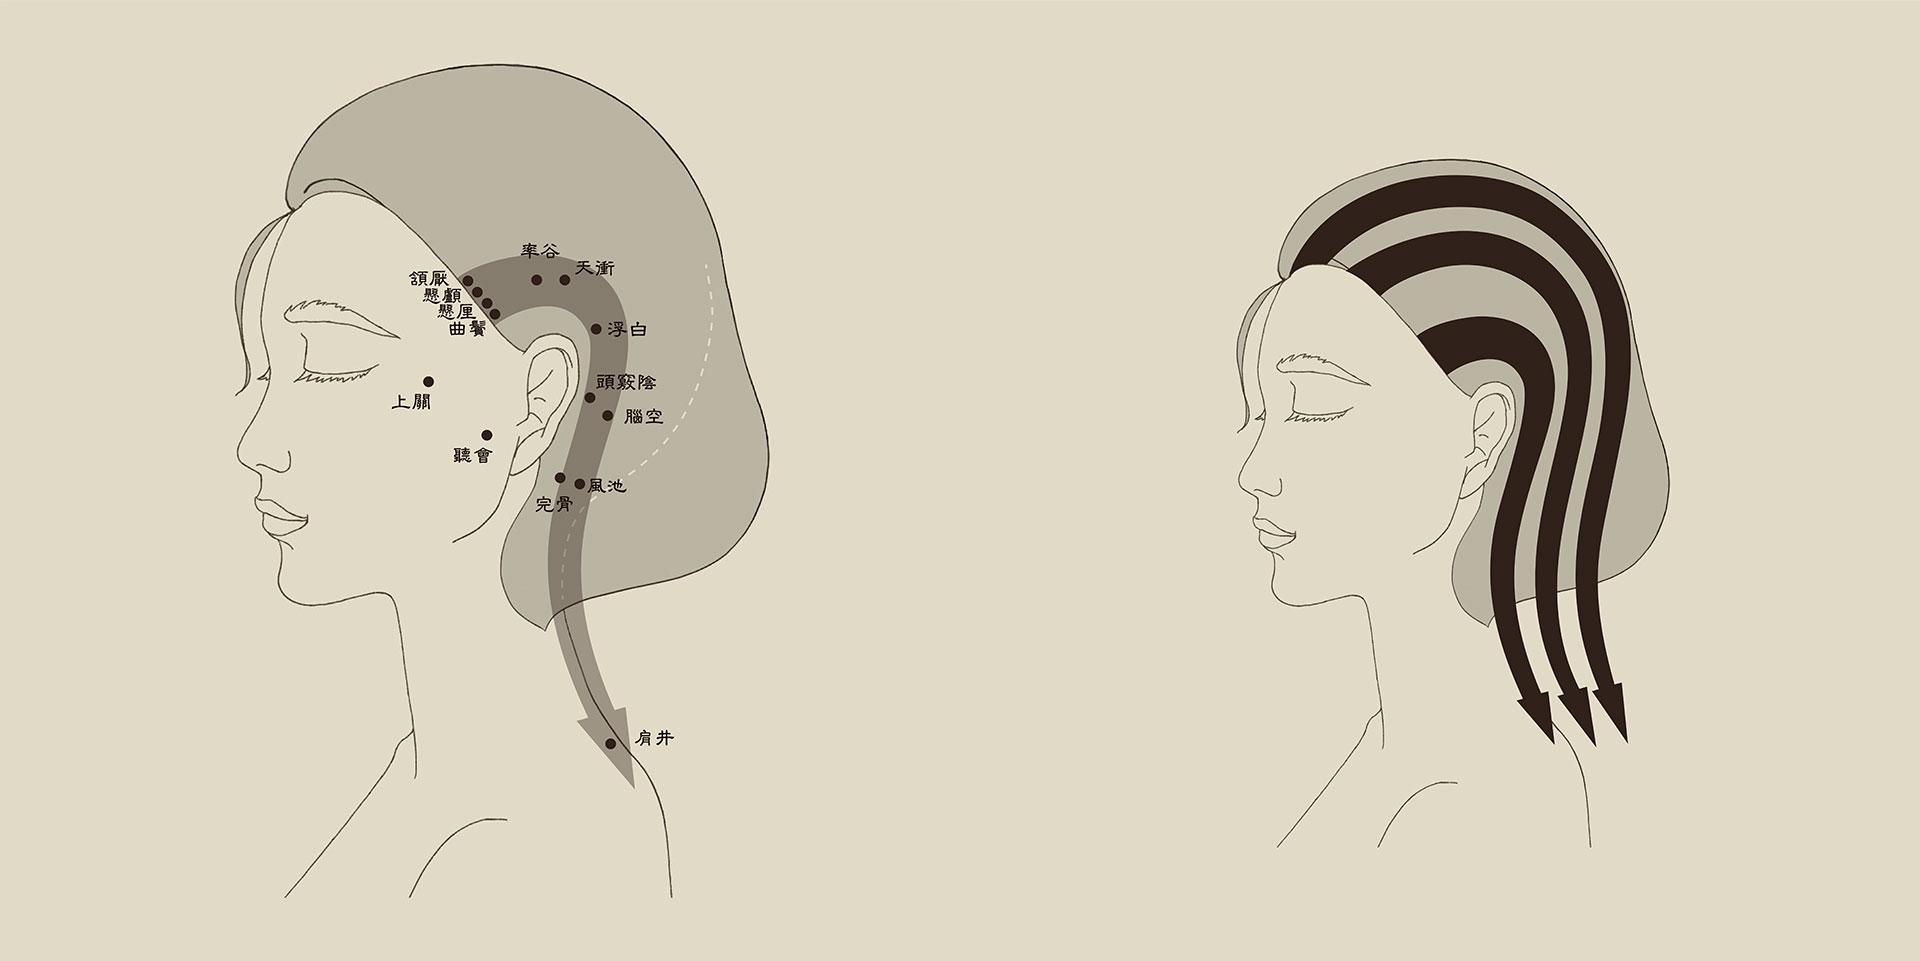 Scalp massage map - Gallbladder meridian